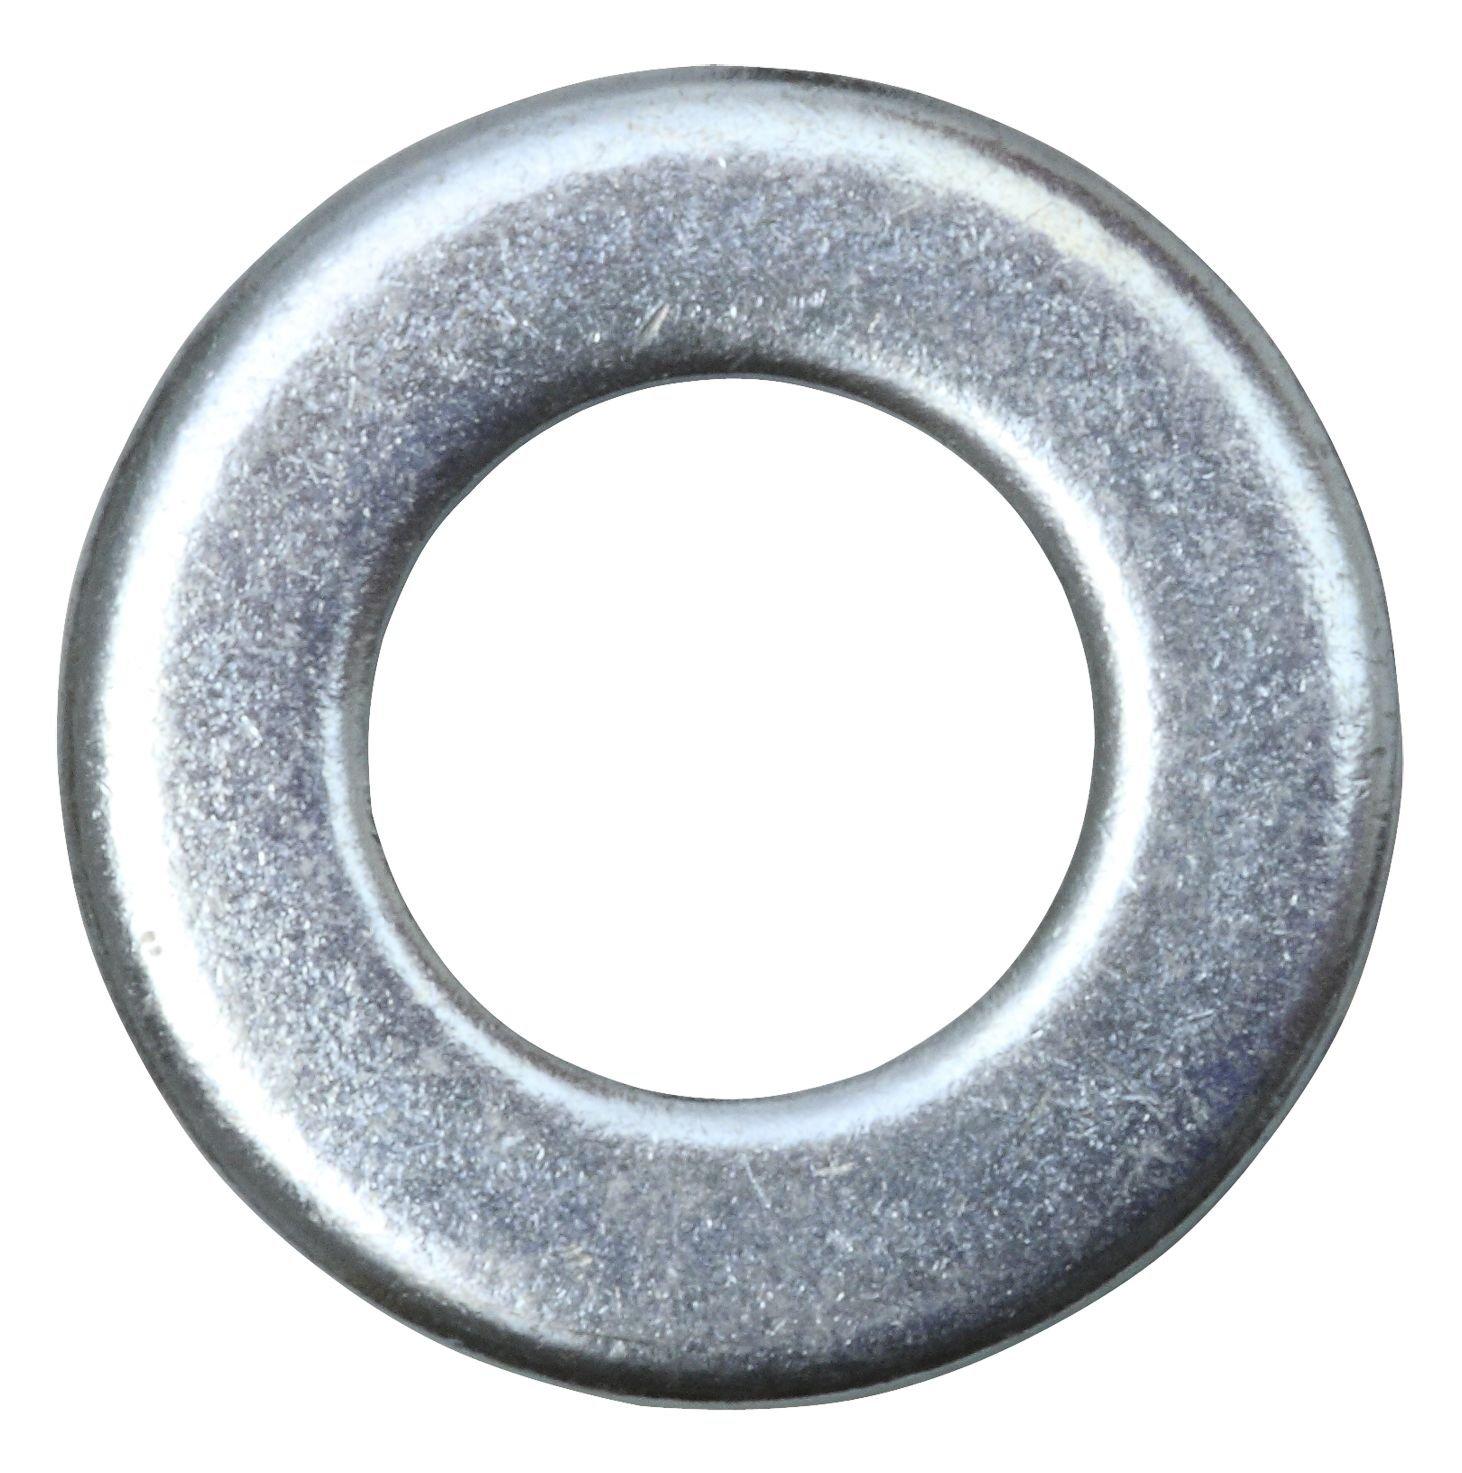 merce di alta qualità e servizio conveniente e onesto Schössmetall Rondelle DIN DIN DIN 125 M12 Acciaio zincato 1.000 pezzi  prezzi equi